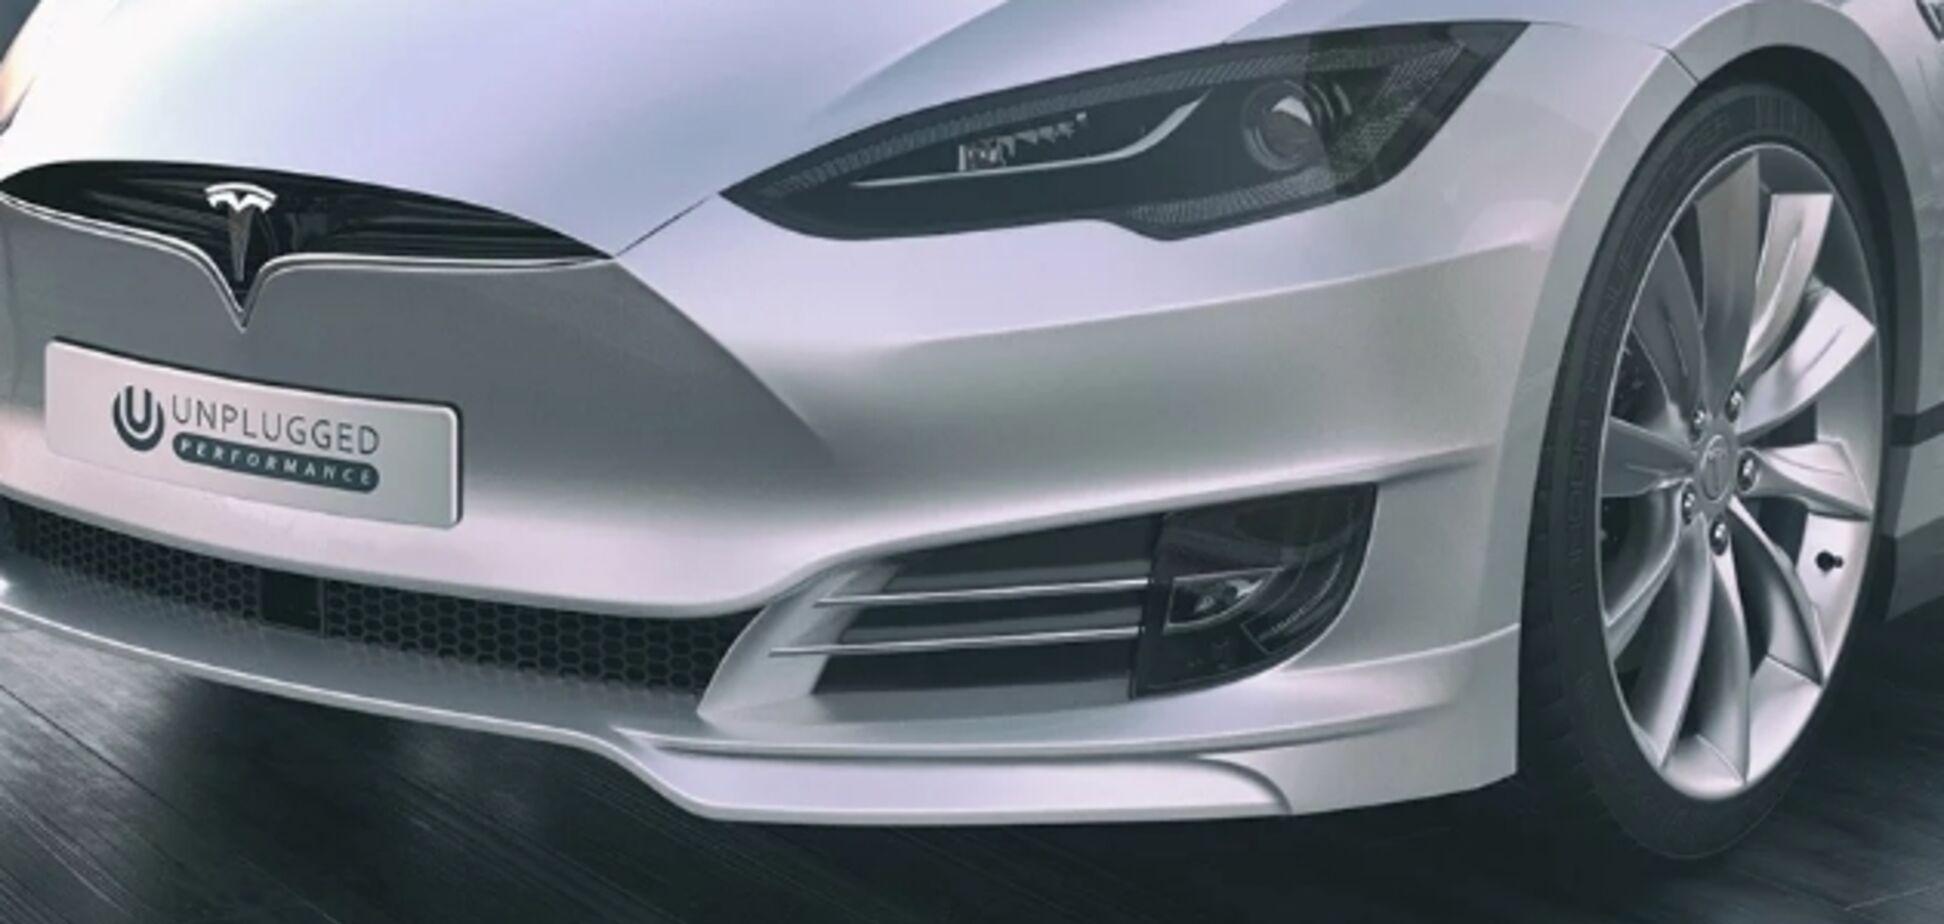 Электрокары Tesla получили новую 'агрессивную' функцию